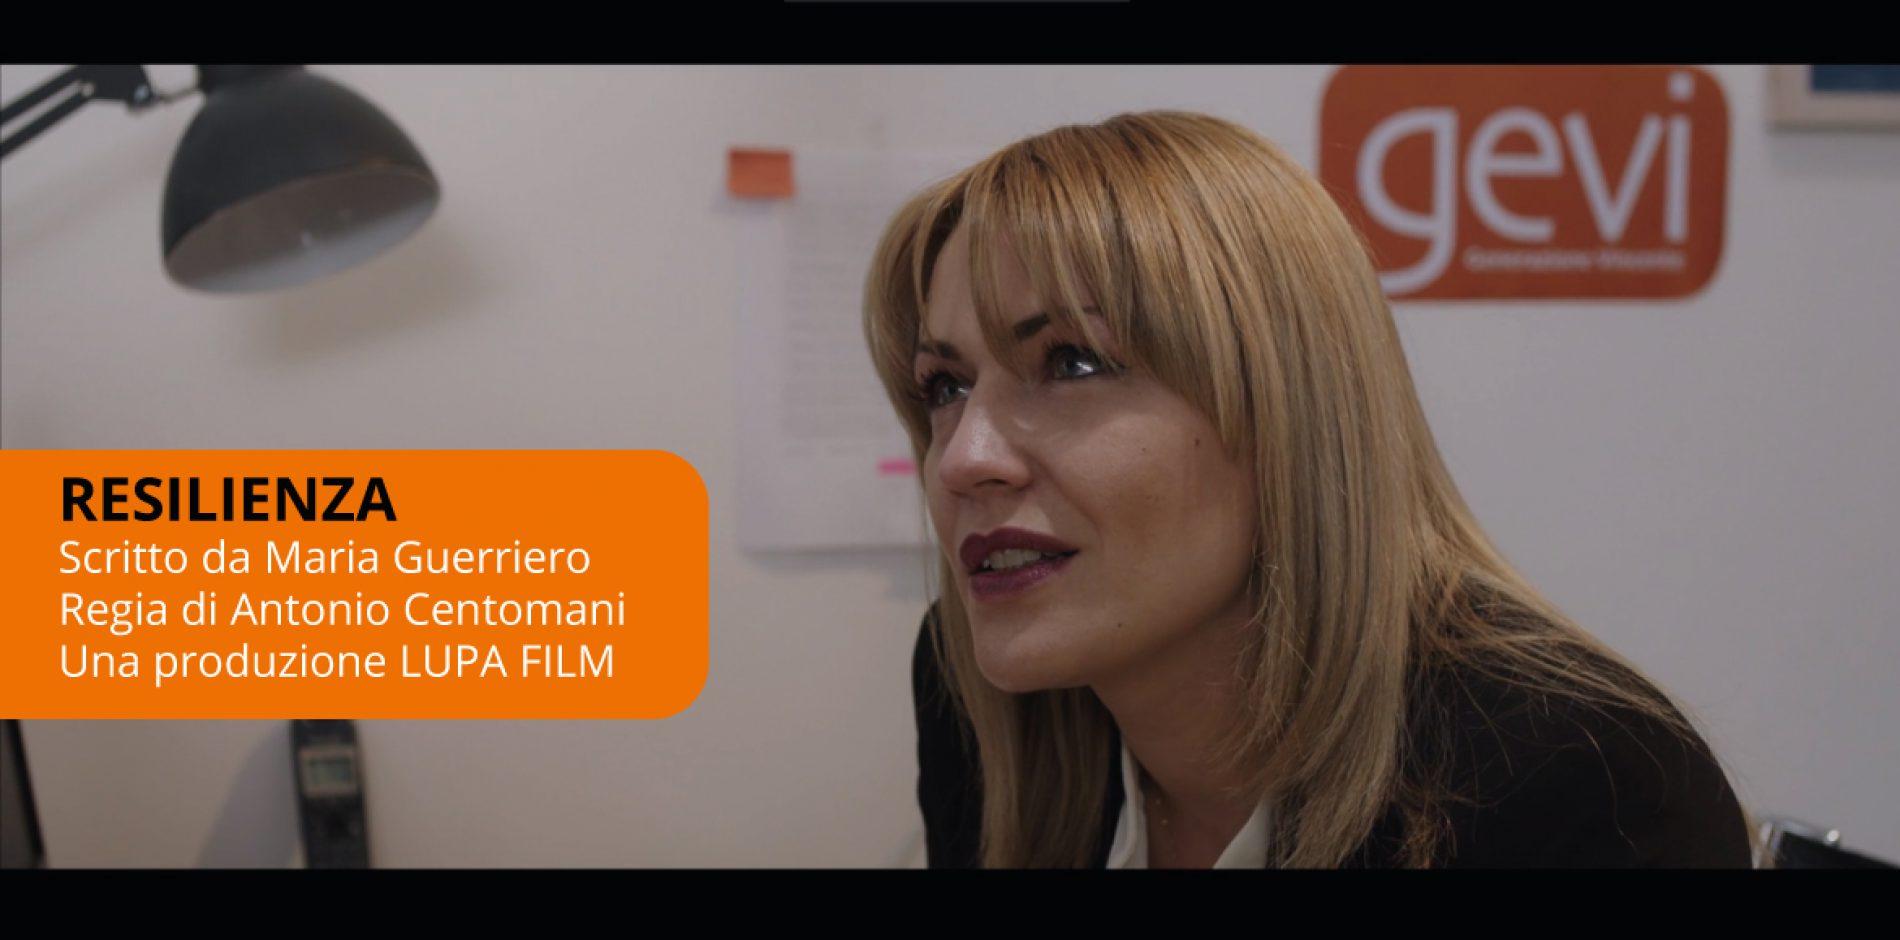 Generazione Vincente supporta il cinema nella lotta al femminicidio